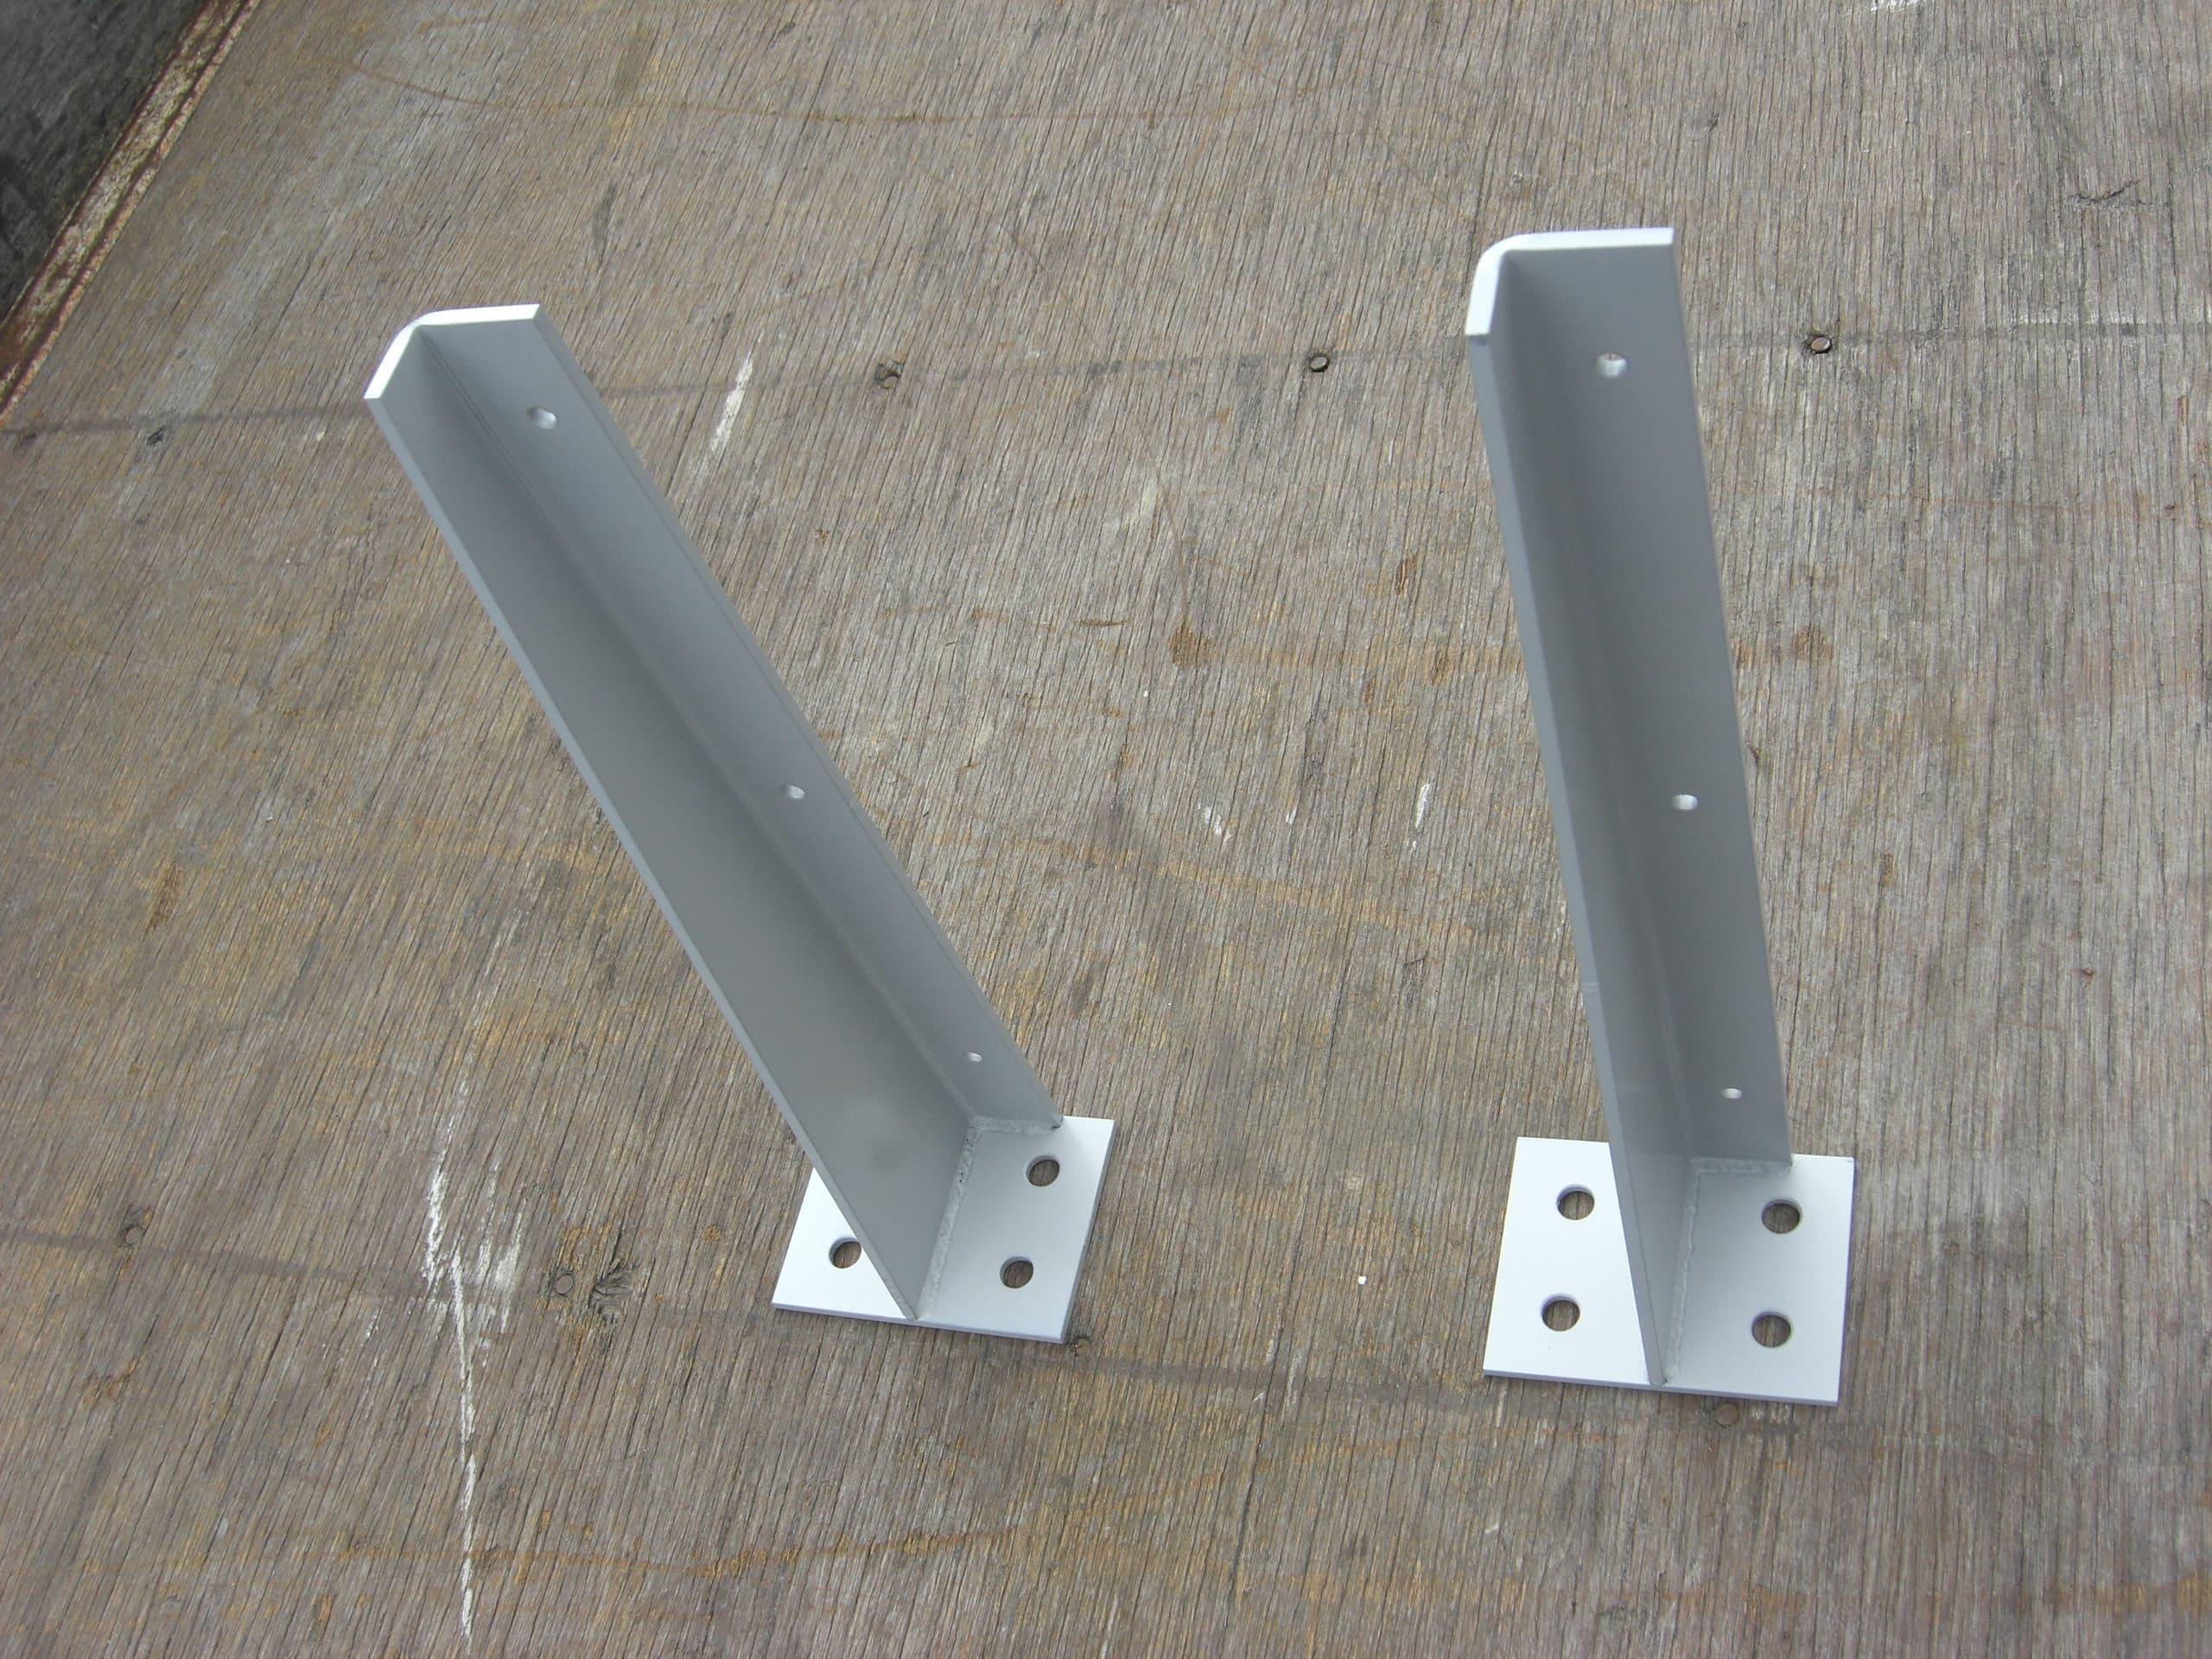 鋼製のベンチ受け金物を製作しました